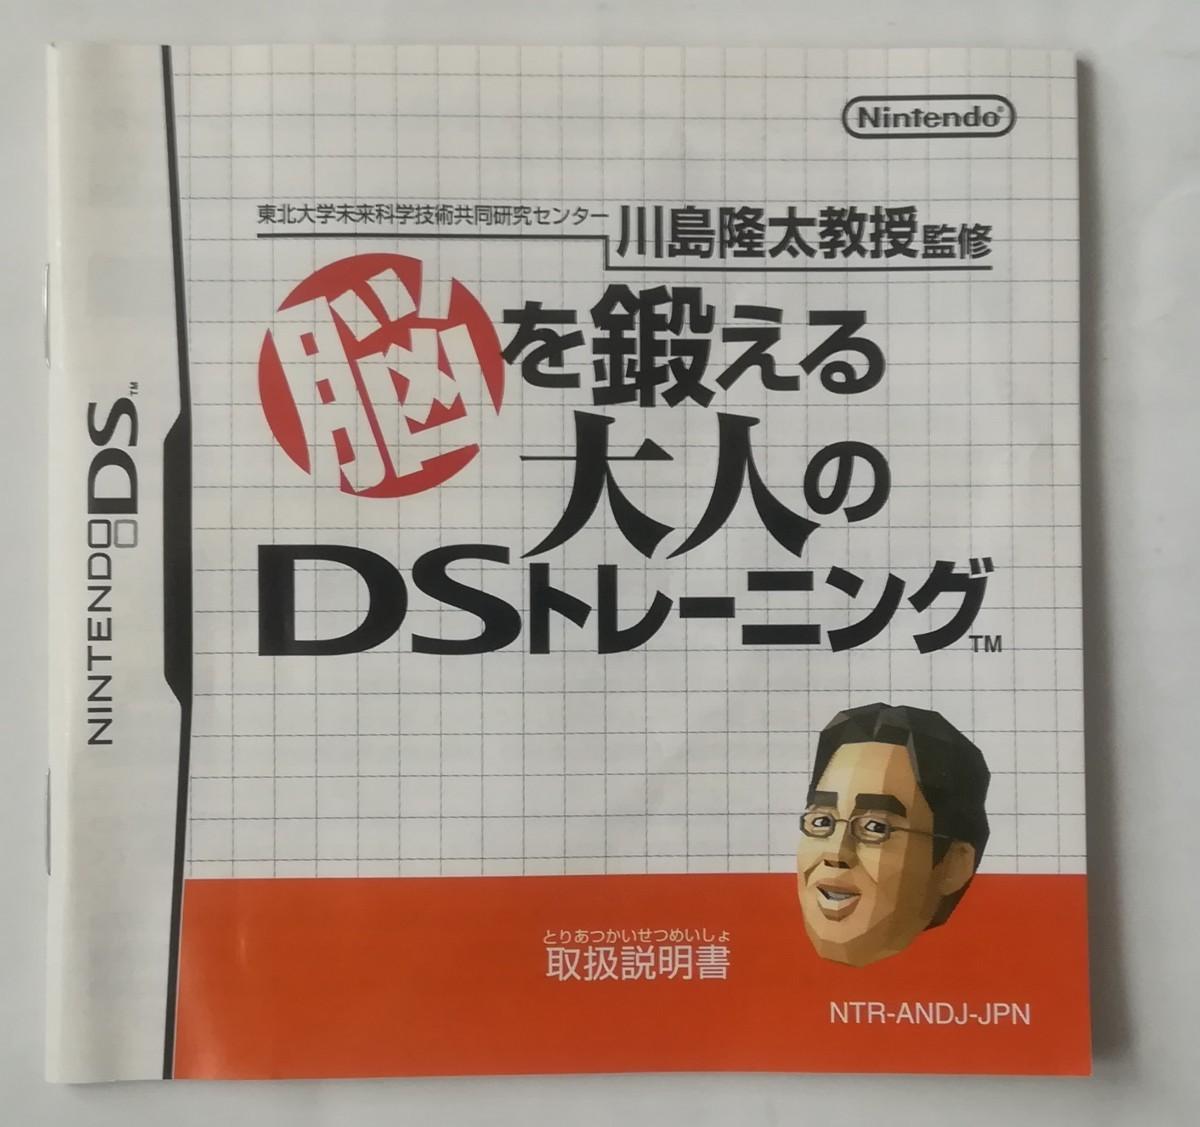 《任天堂DS》 脳を鍛える大人のDSトレーニング